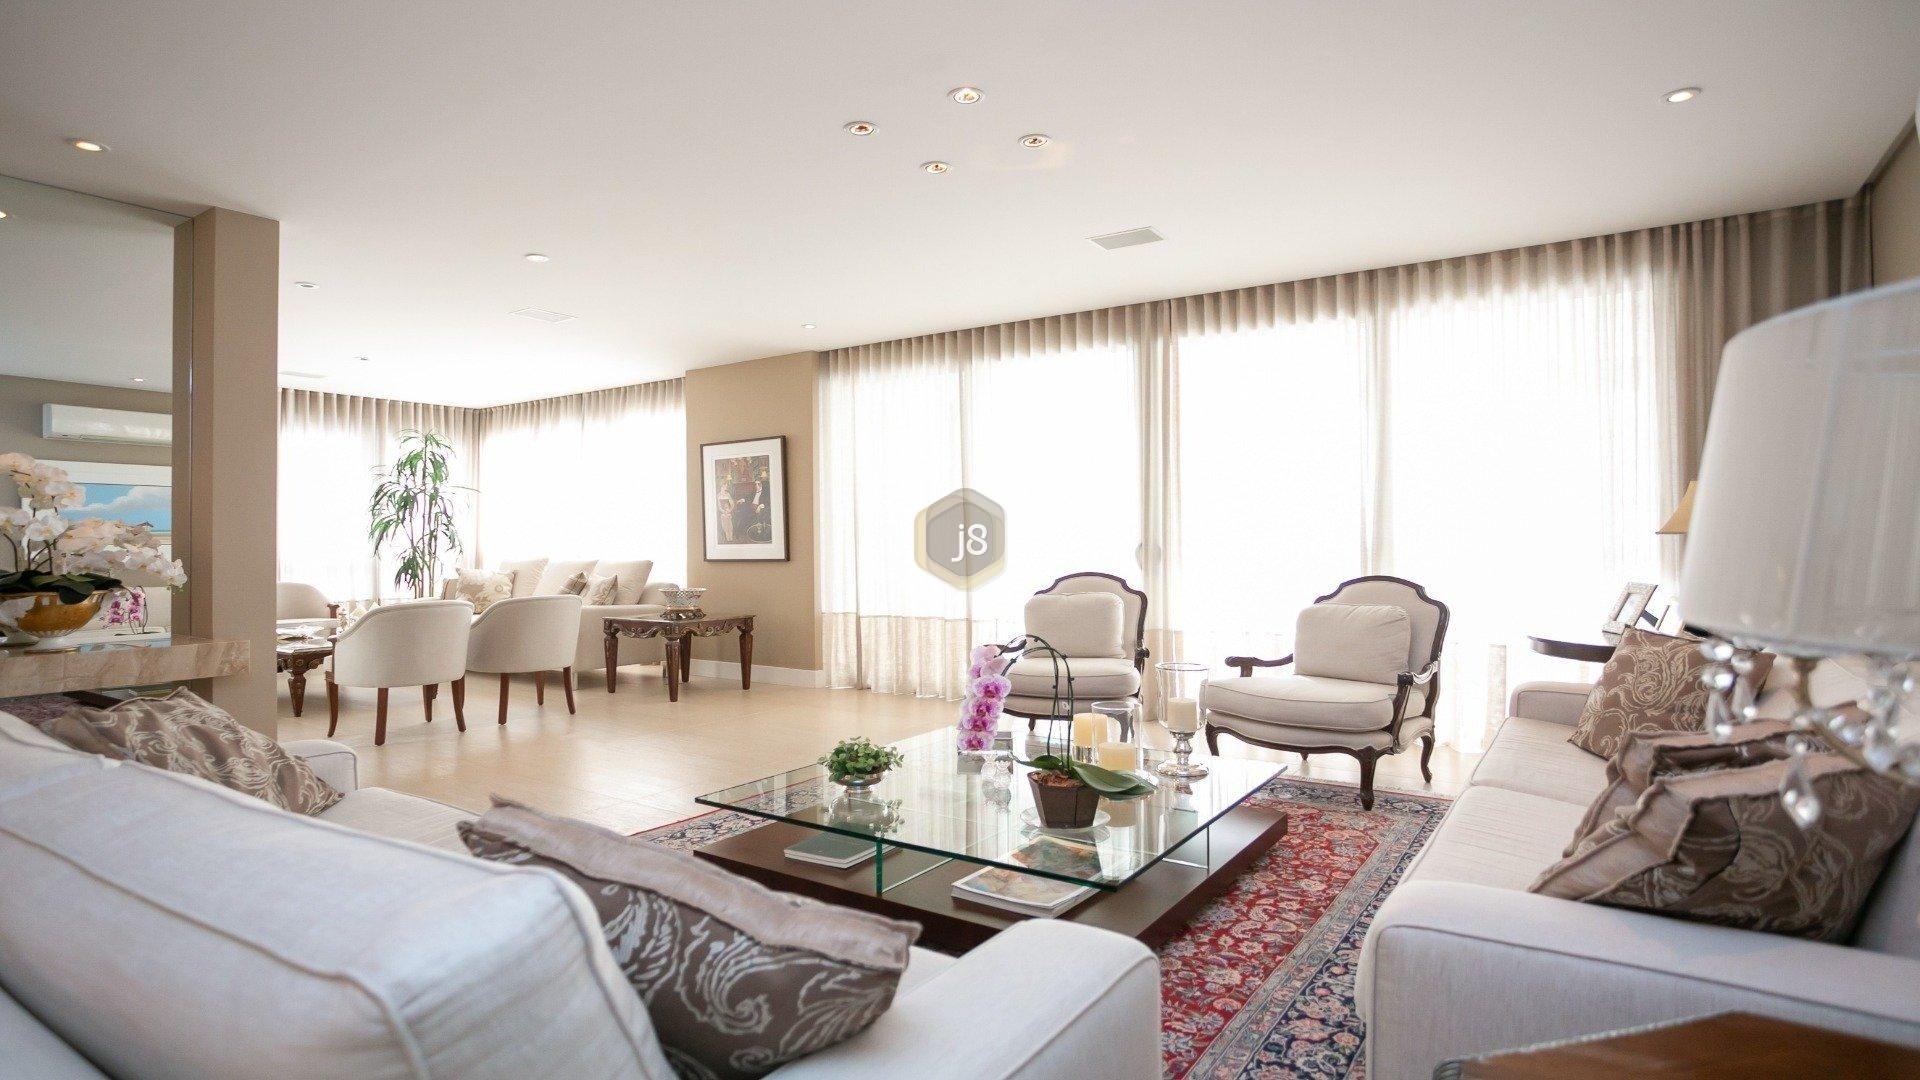 Foto de destaque Um super apartamento com 4 suítes!